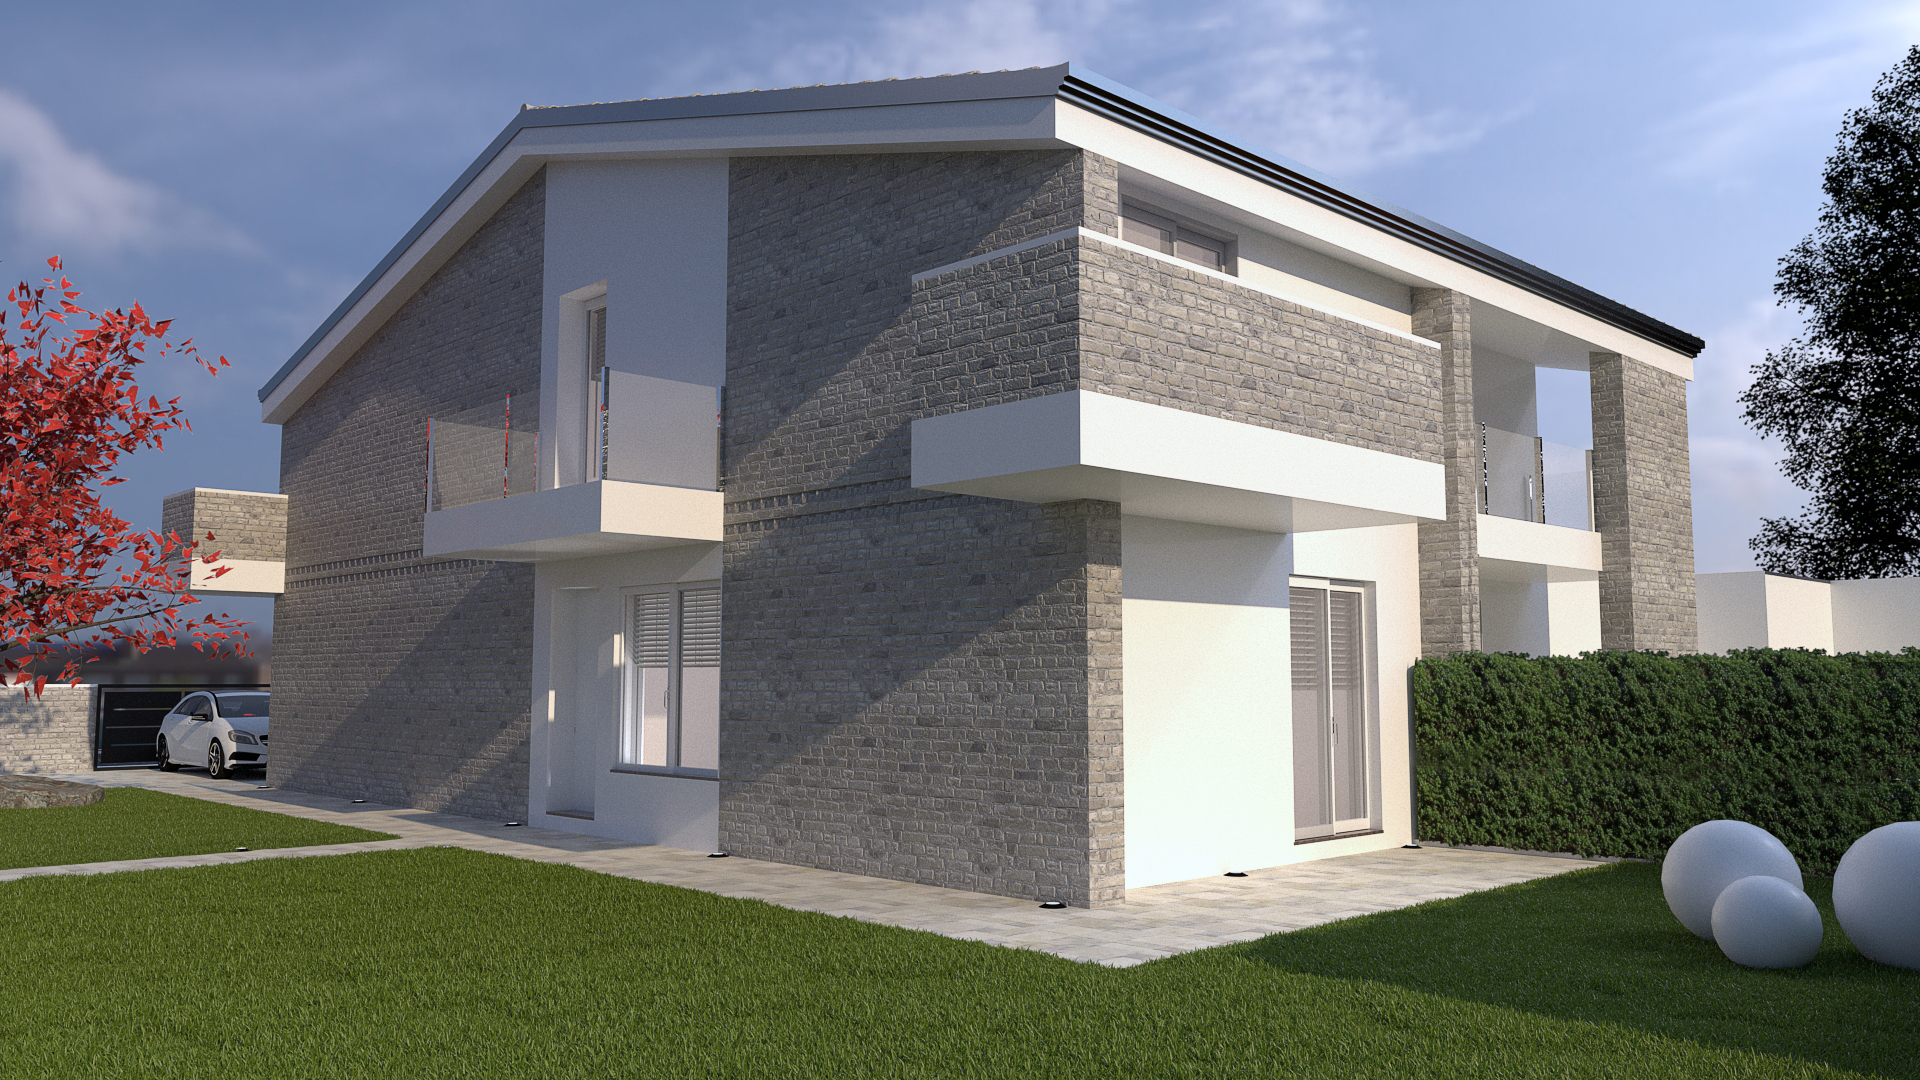 elia-mischiatti-ingegneria-architettura-rendering-villa-bifamiliare-03